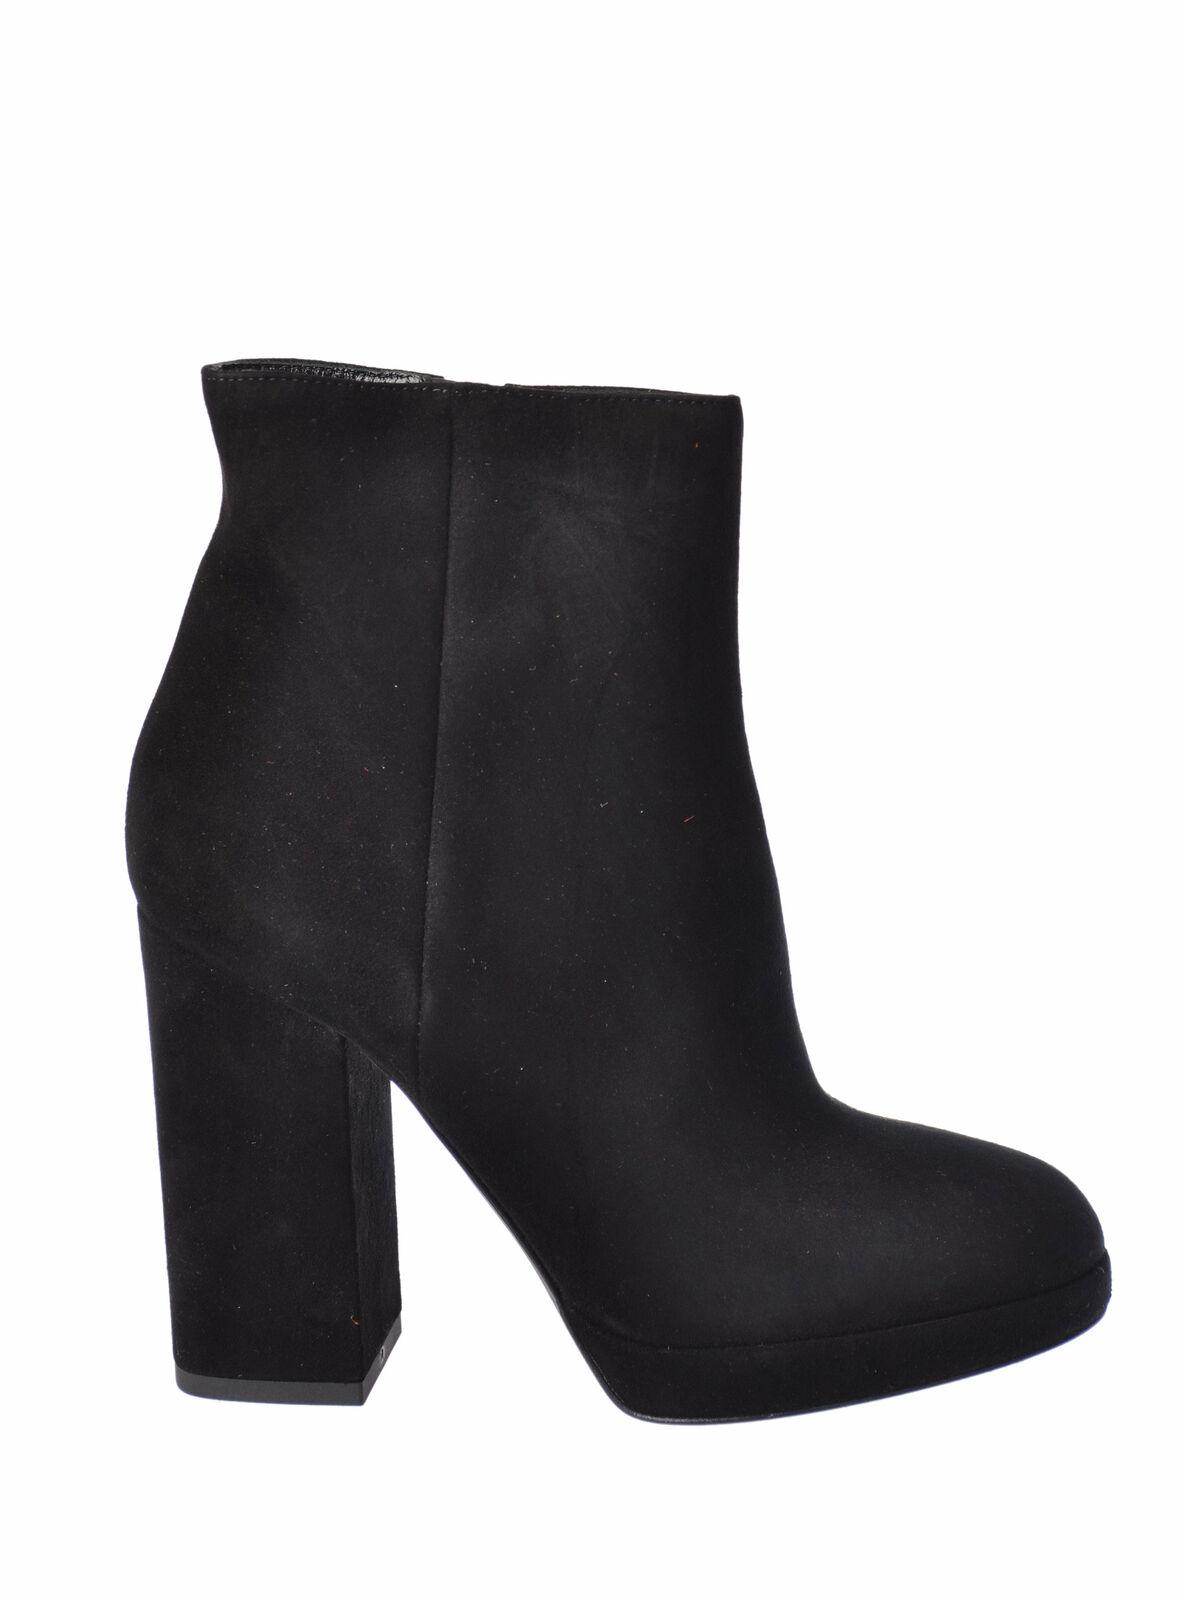 vendita outlet online Le Viozzi  -  scarpe - - - Female - nero - 2581327N174356  buona qualità